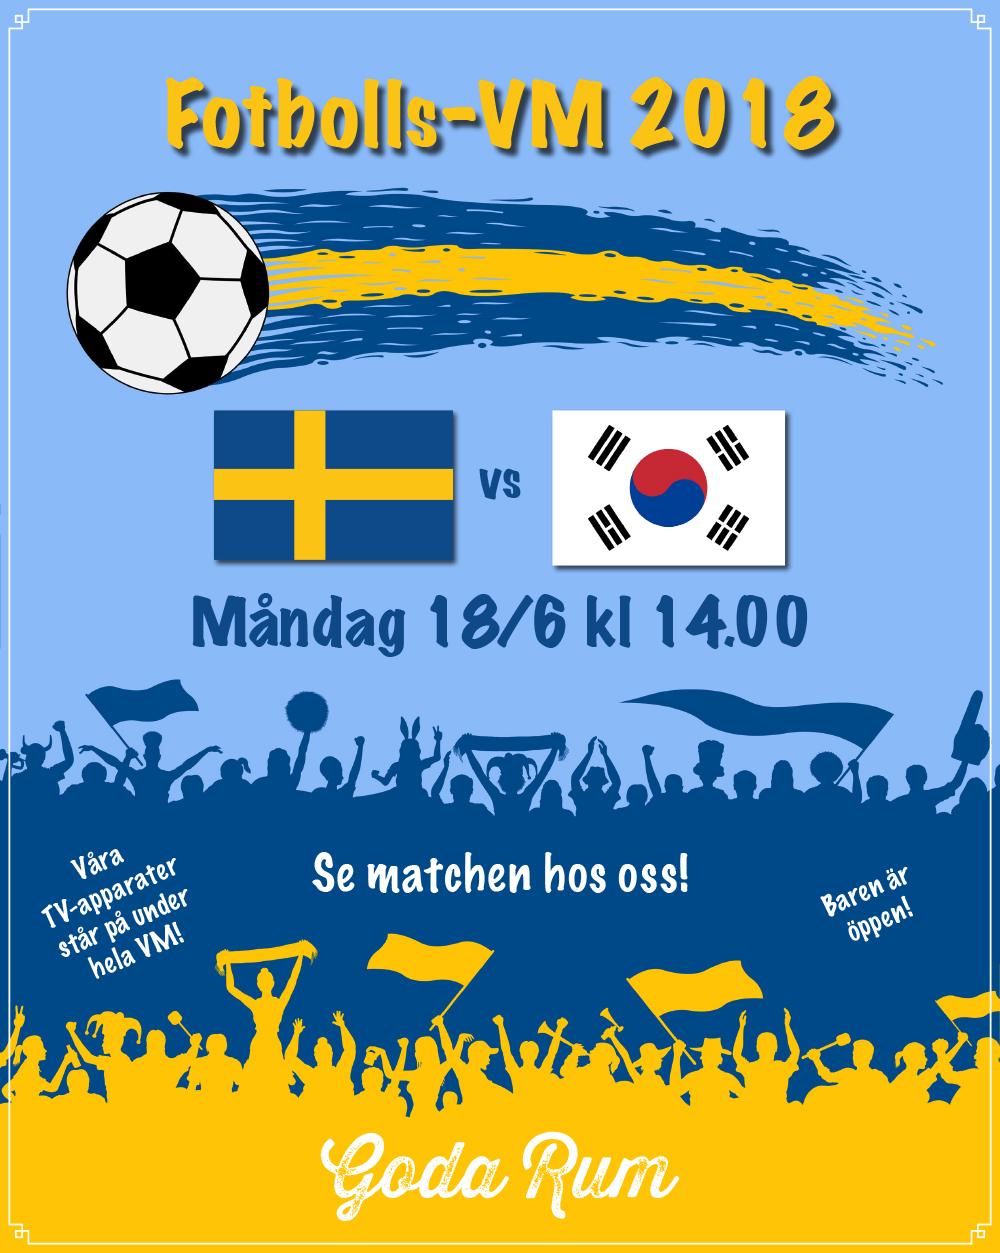 Fotbolls-VM_Sverige_Sydkorea